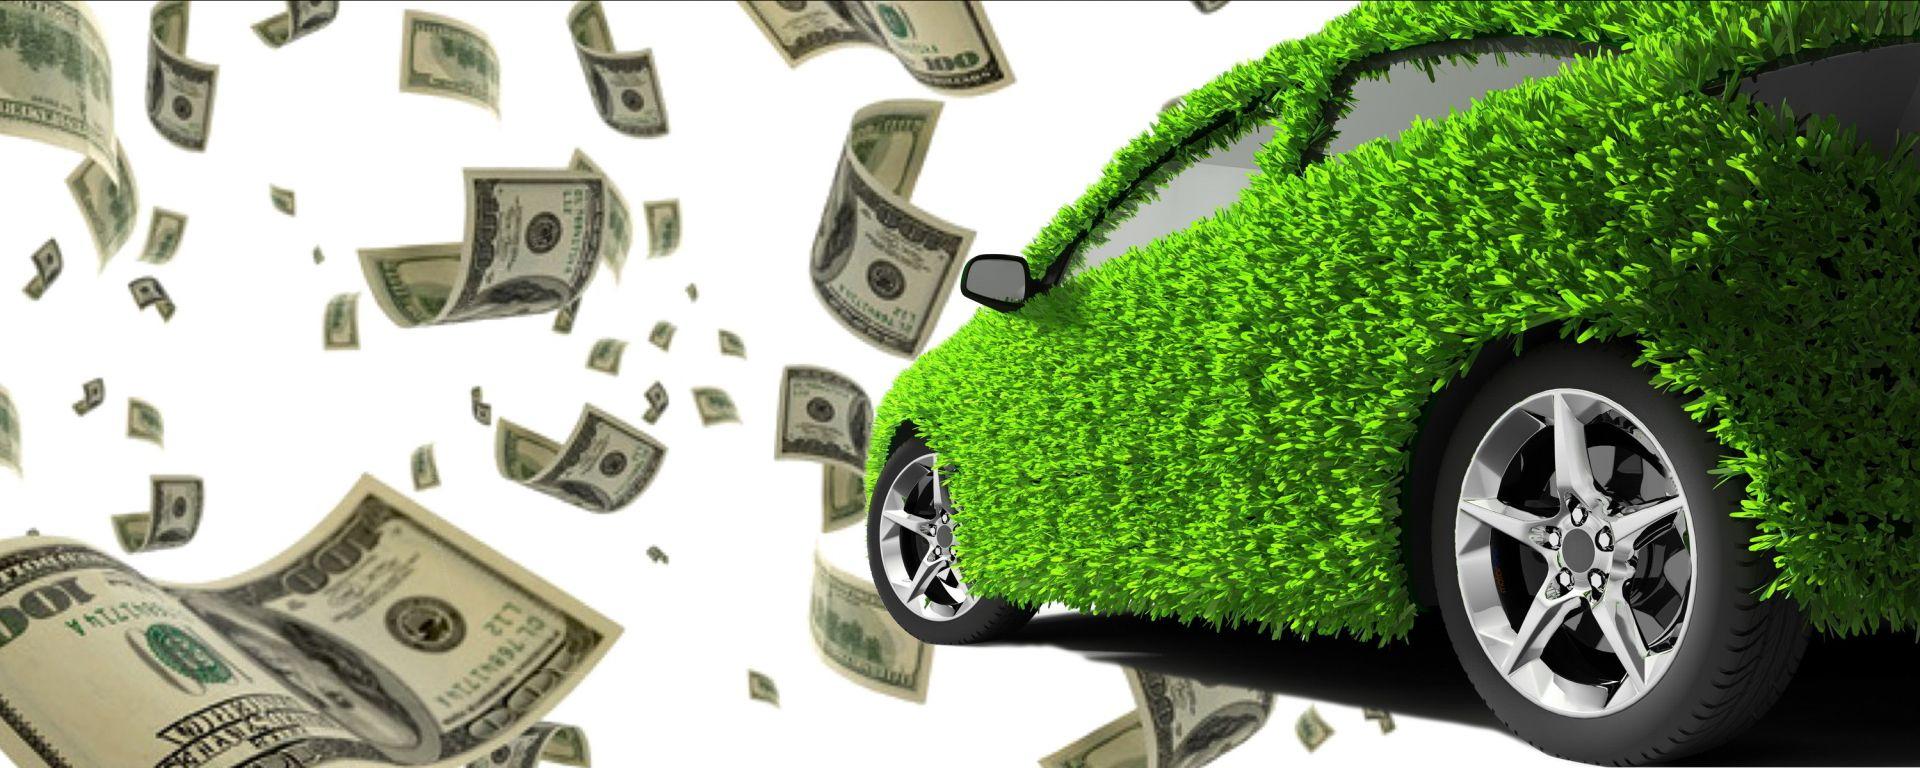 Incentivi ed ecobonus: quanto valgono gli sconti per le auto green?